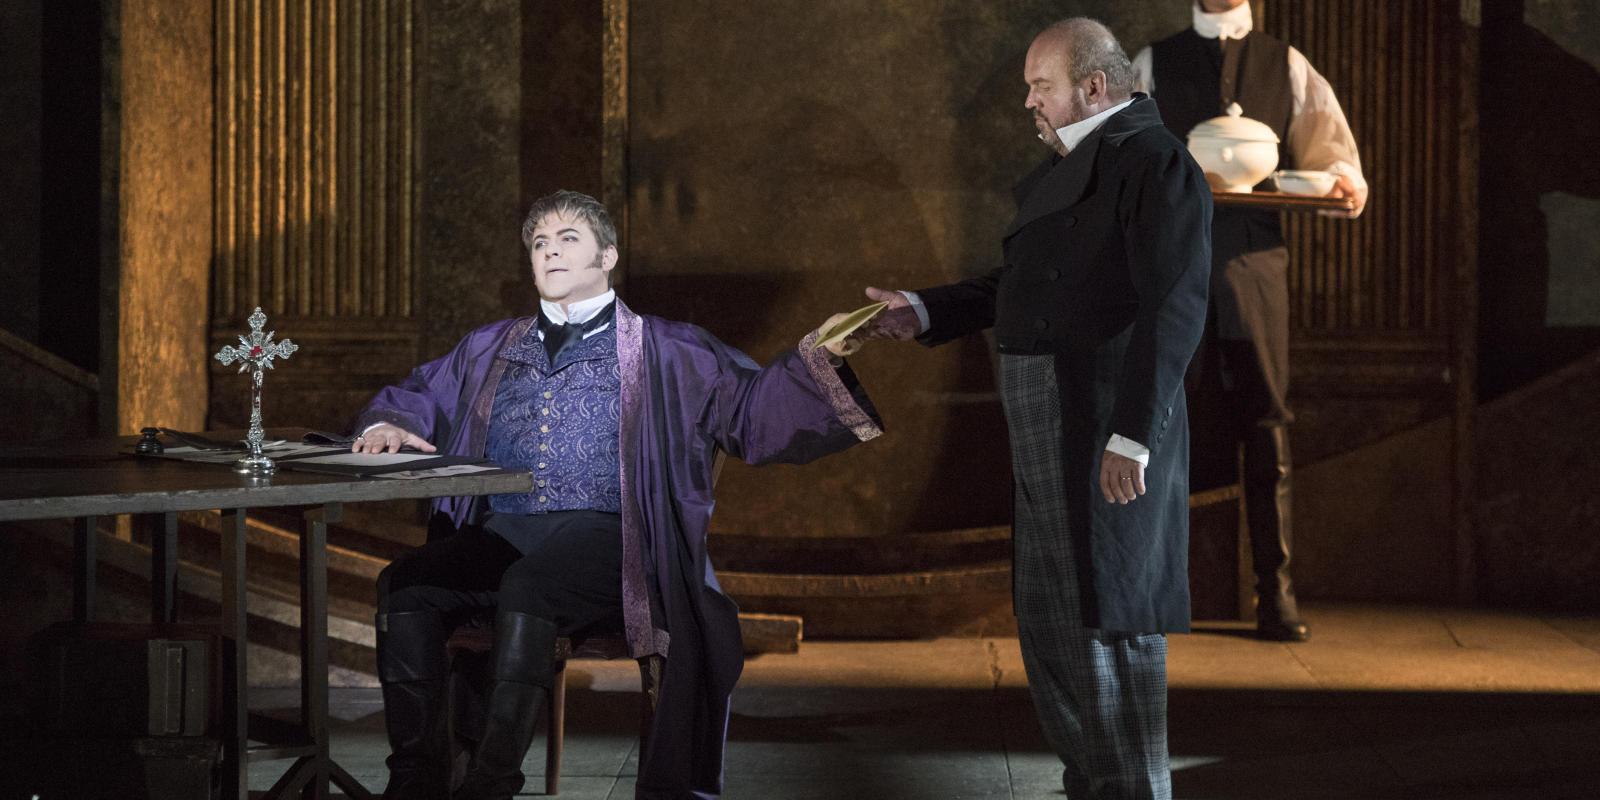 Craig Colclough, Richard Hubert Smithand Graeme Danby in ENO's Tosca